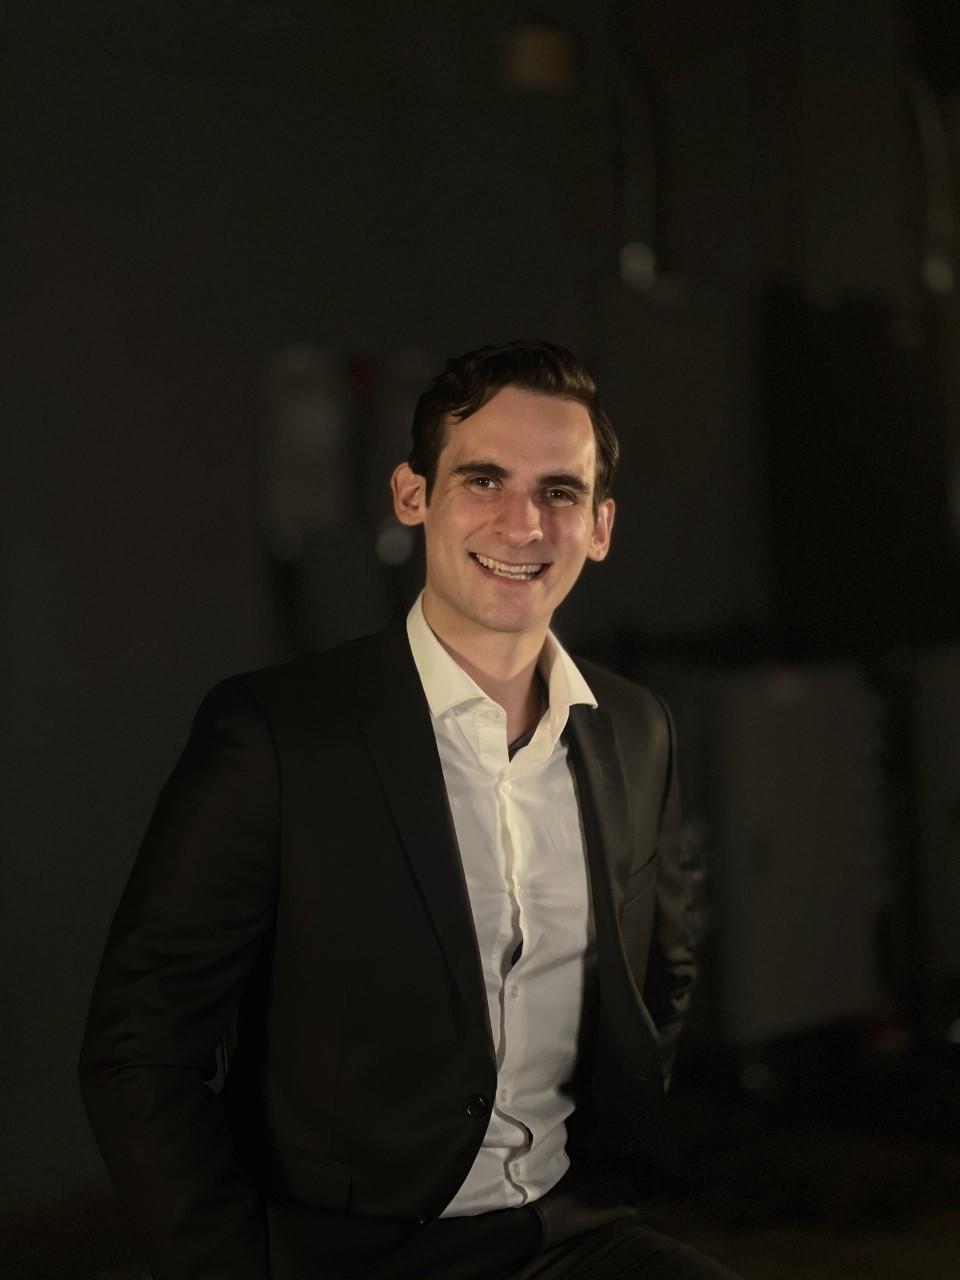 Photo of FMTV graduate Quentin Ferrant